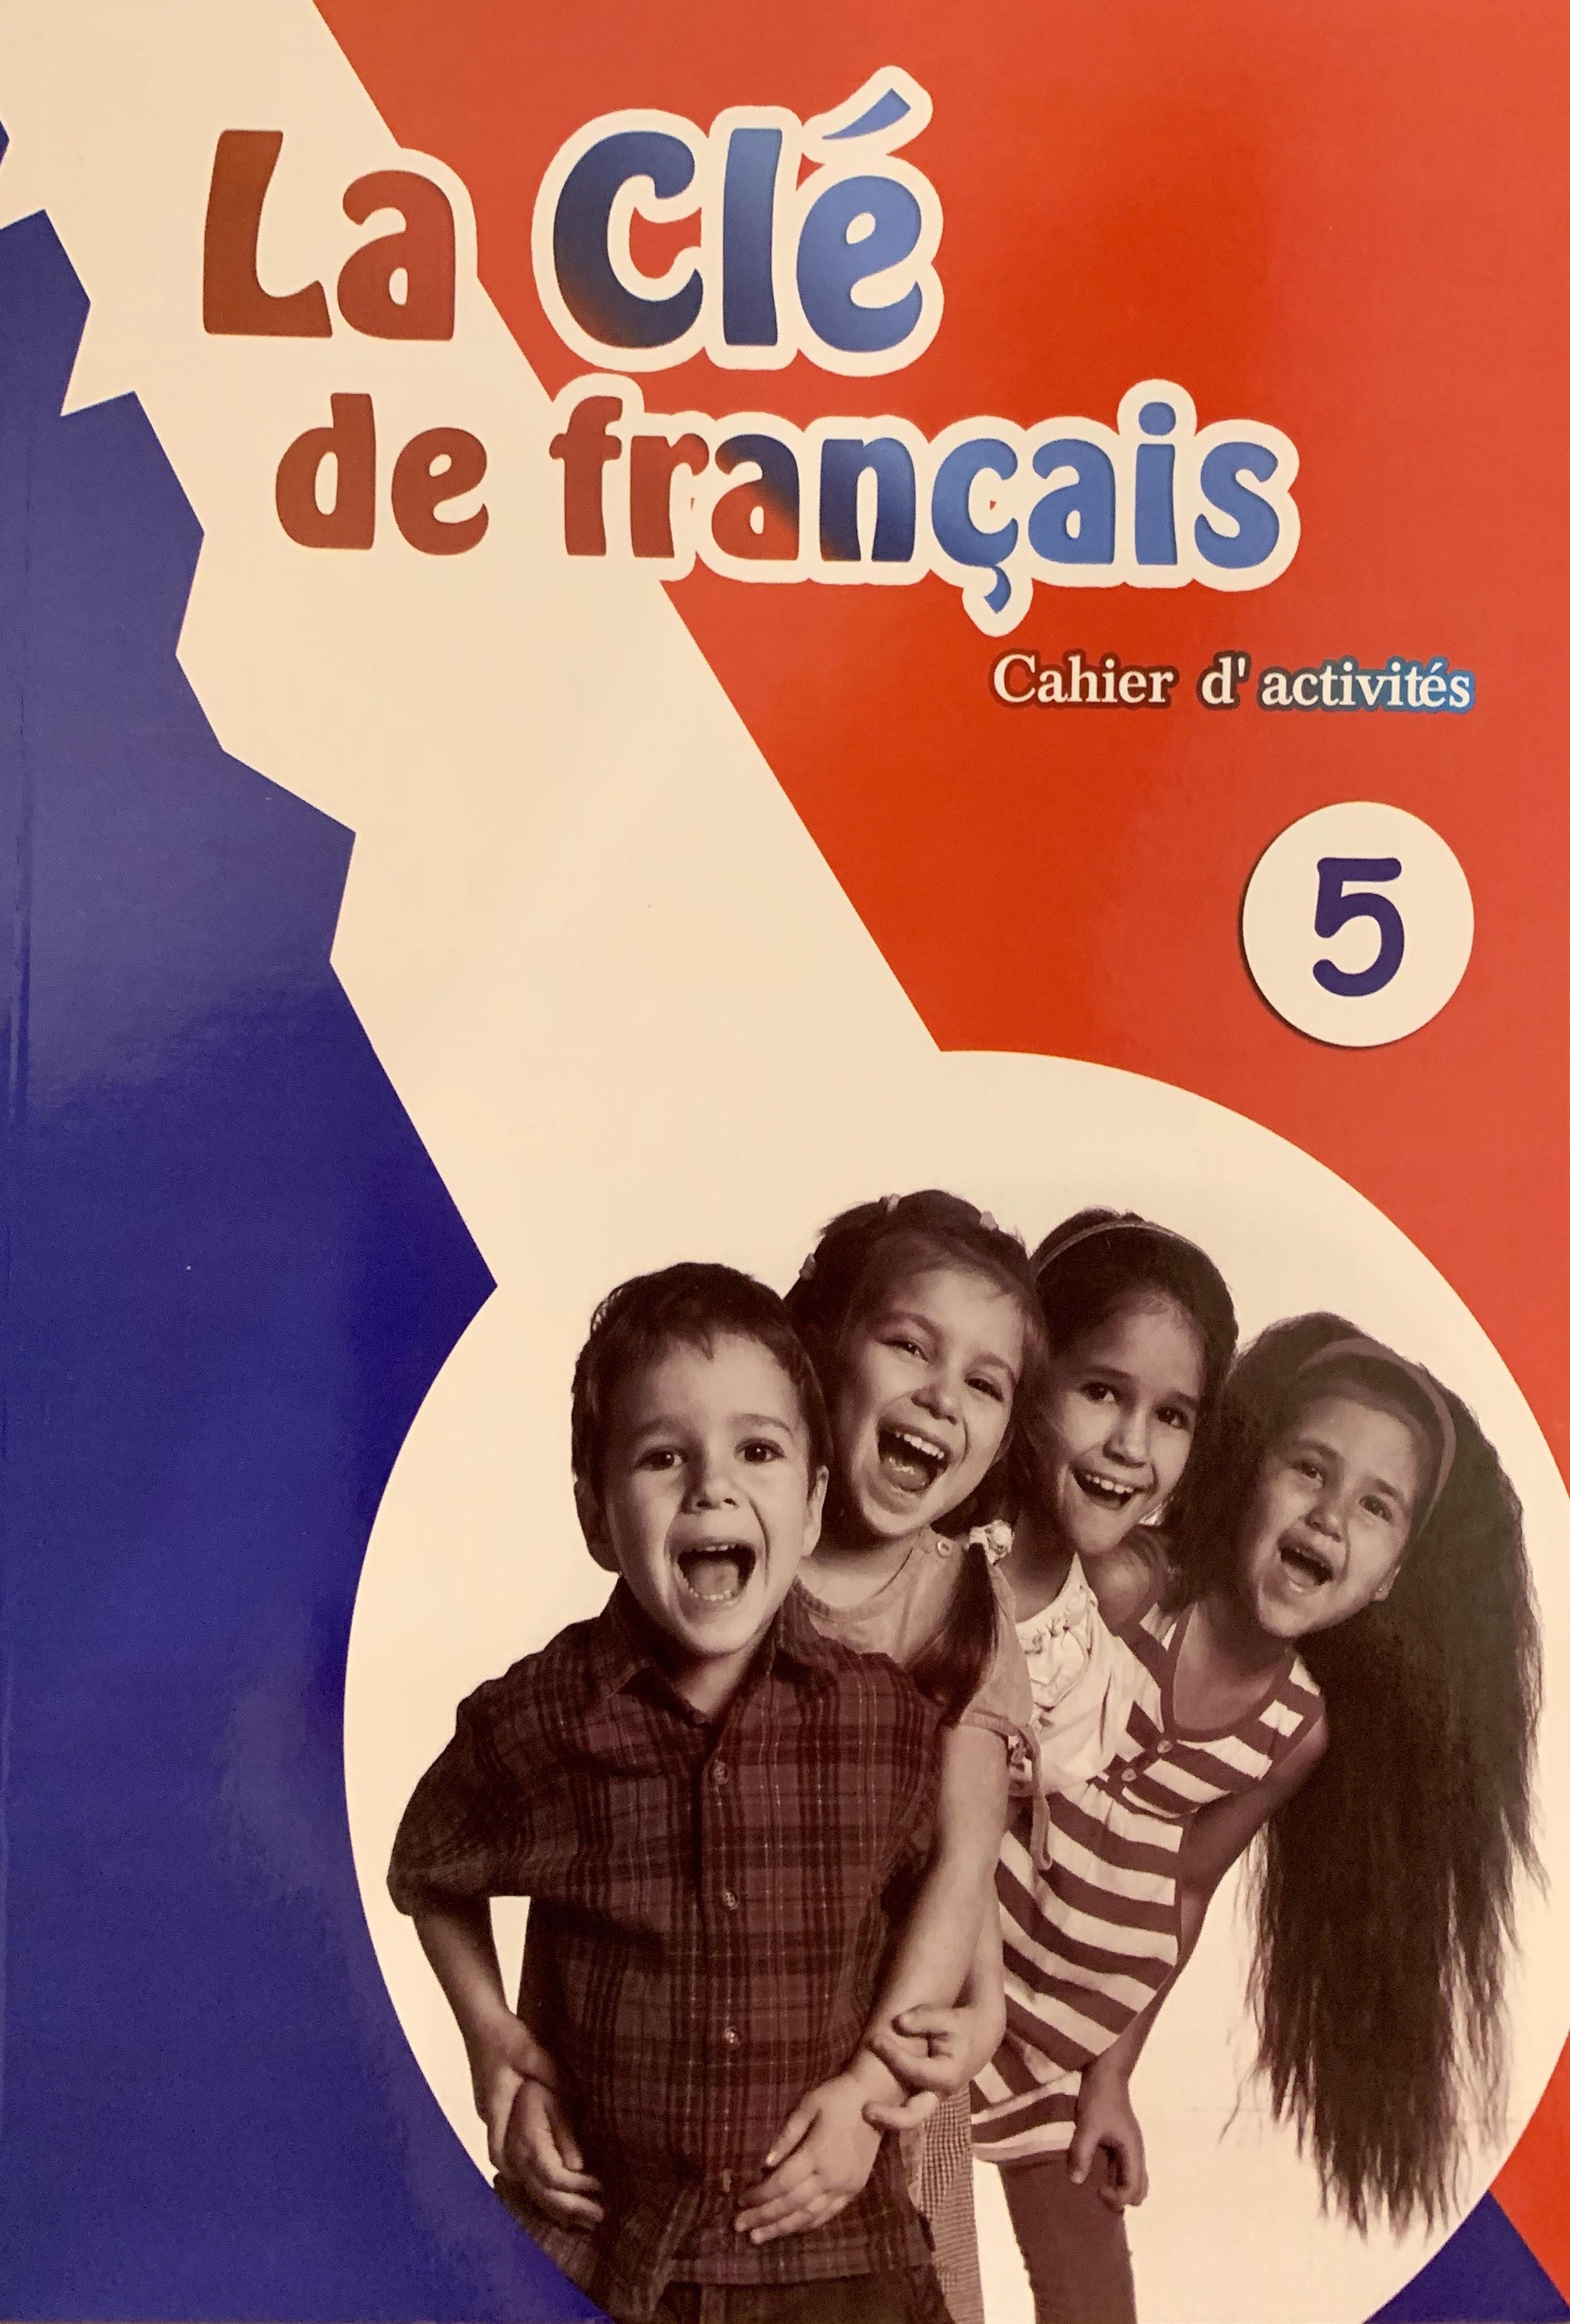 La Cle de Francais Activites 5